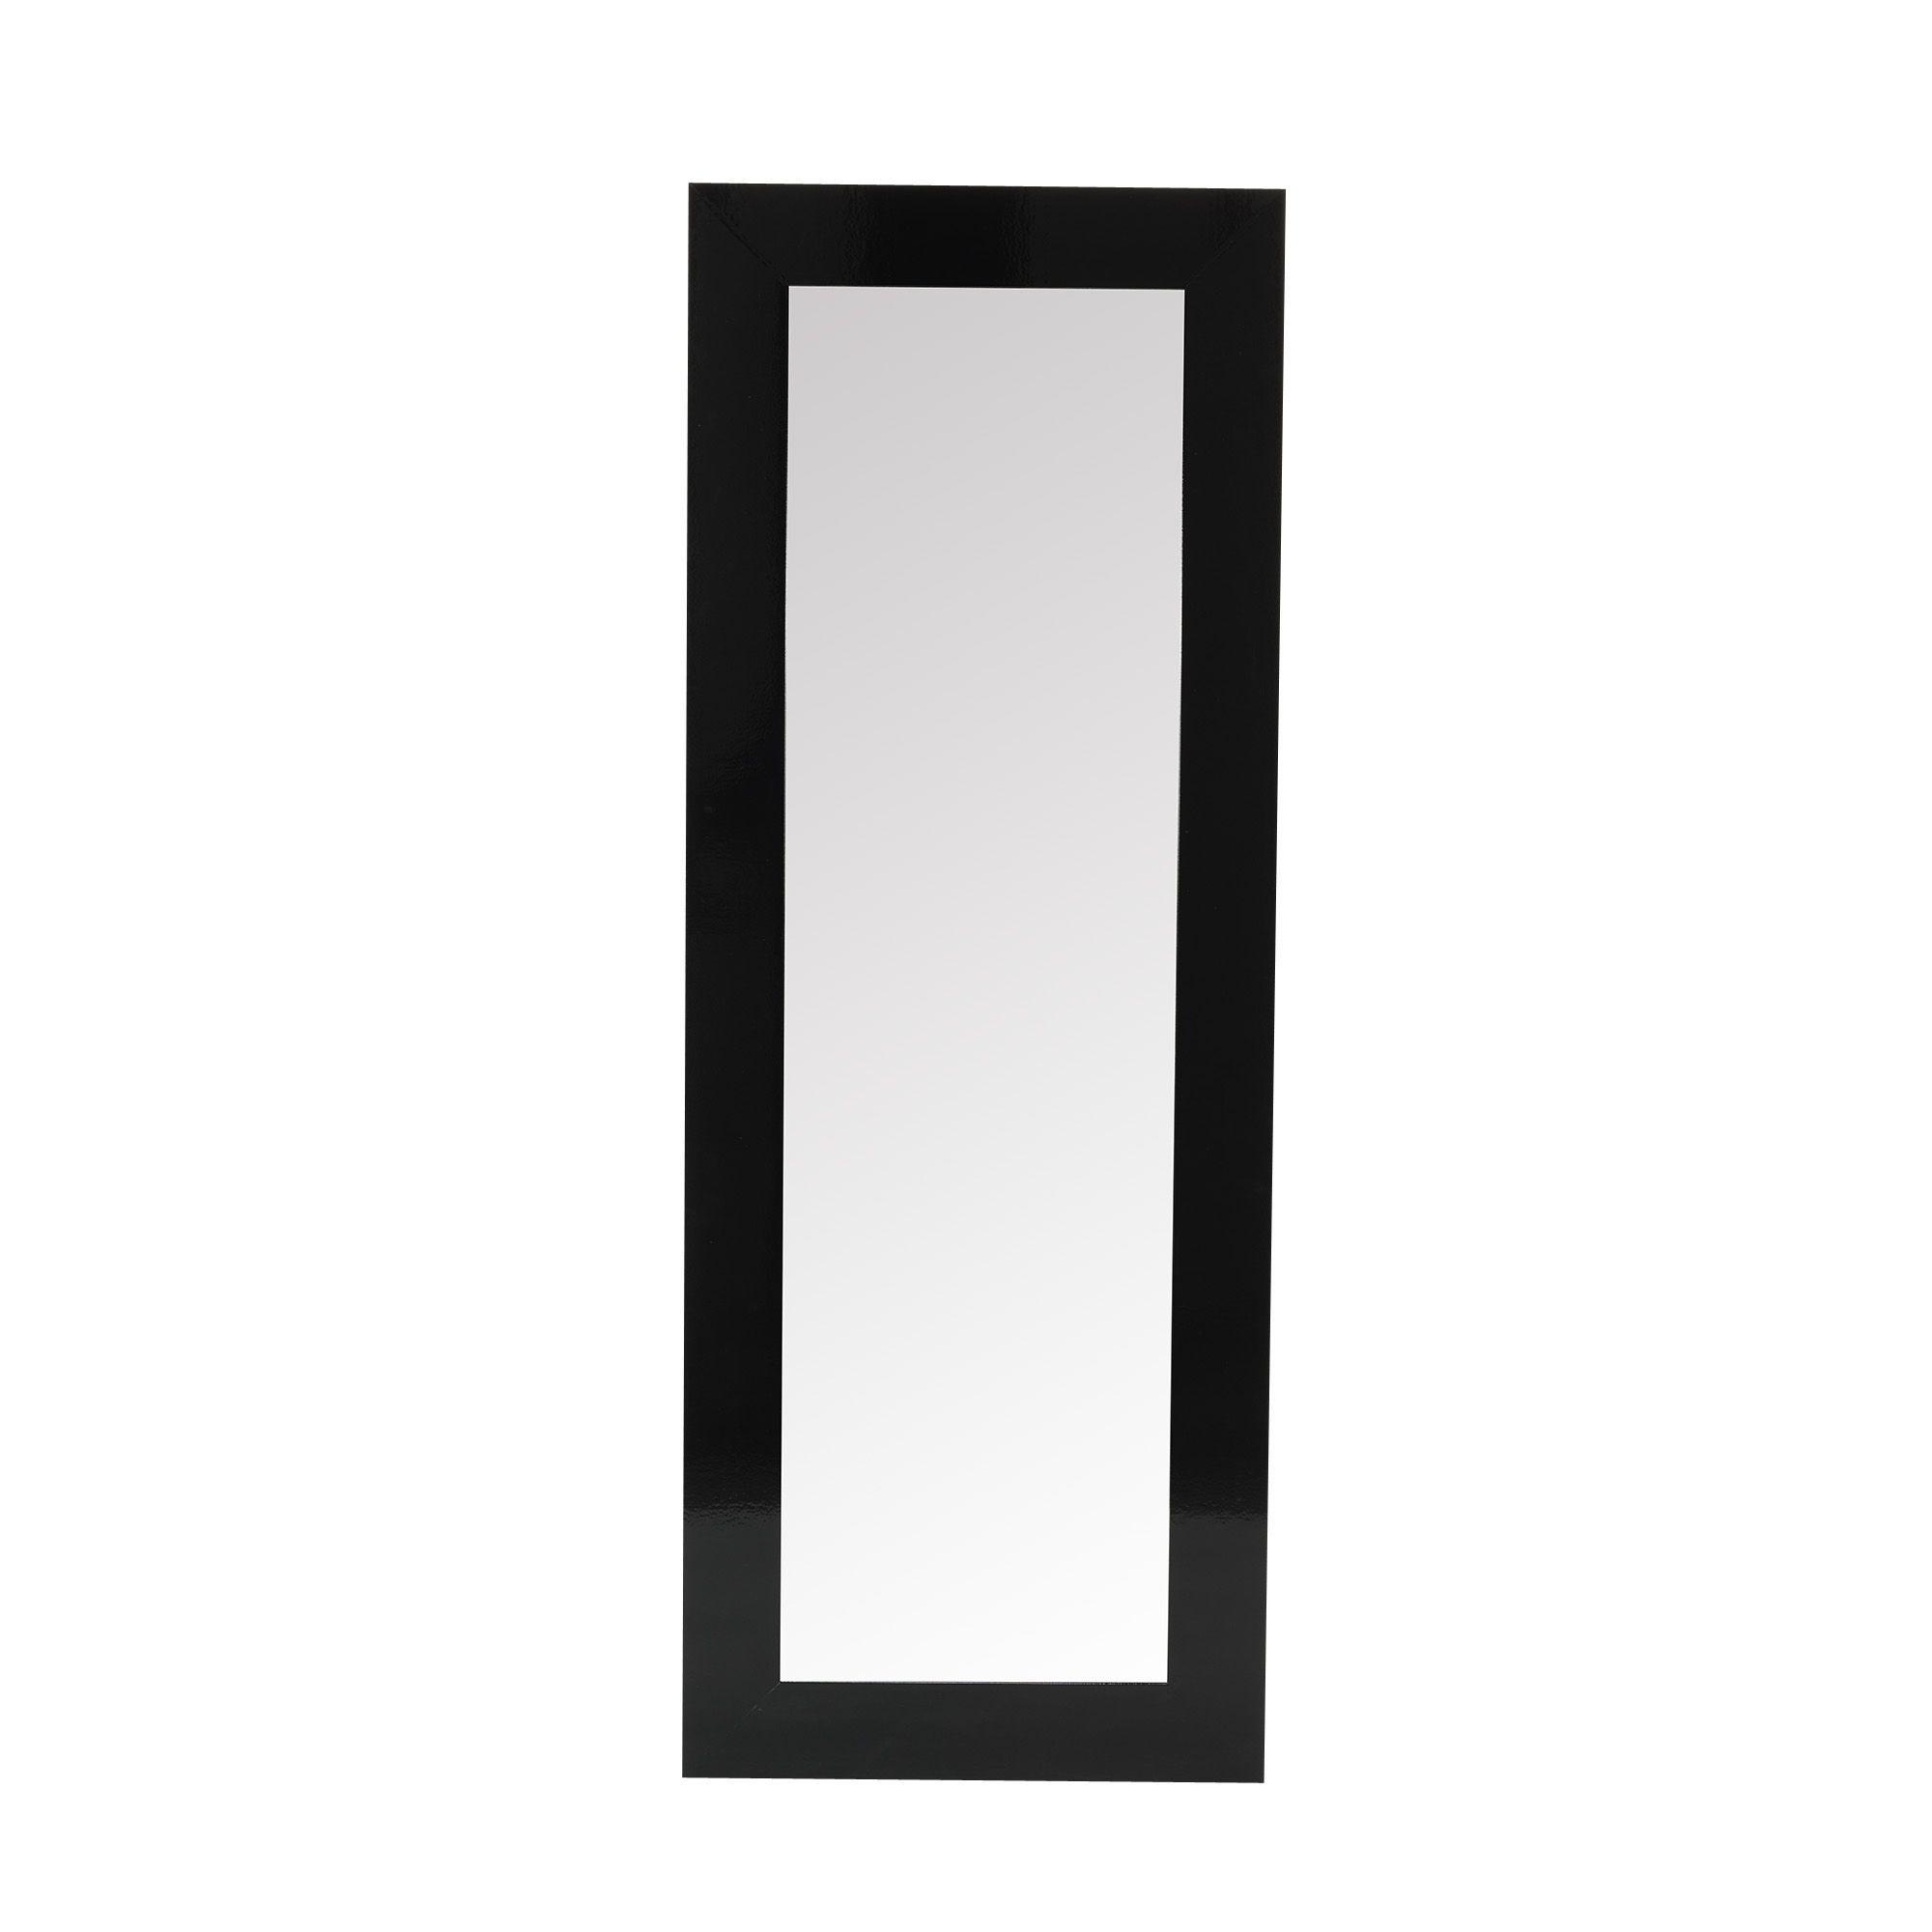 Miroir 40x140cm large encadrement noir noir mira les for Miroir encadrement noir